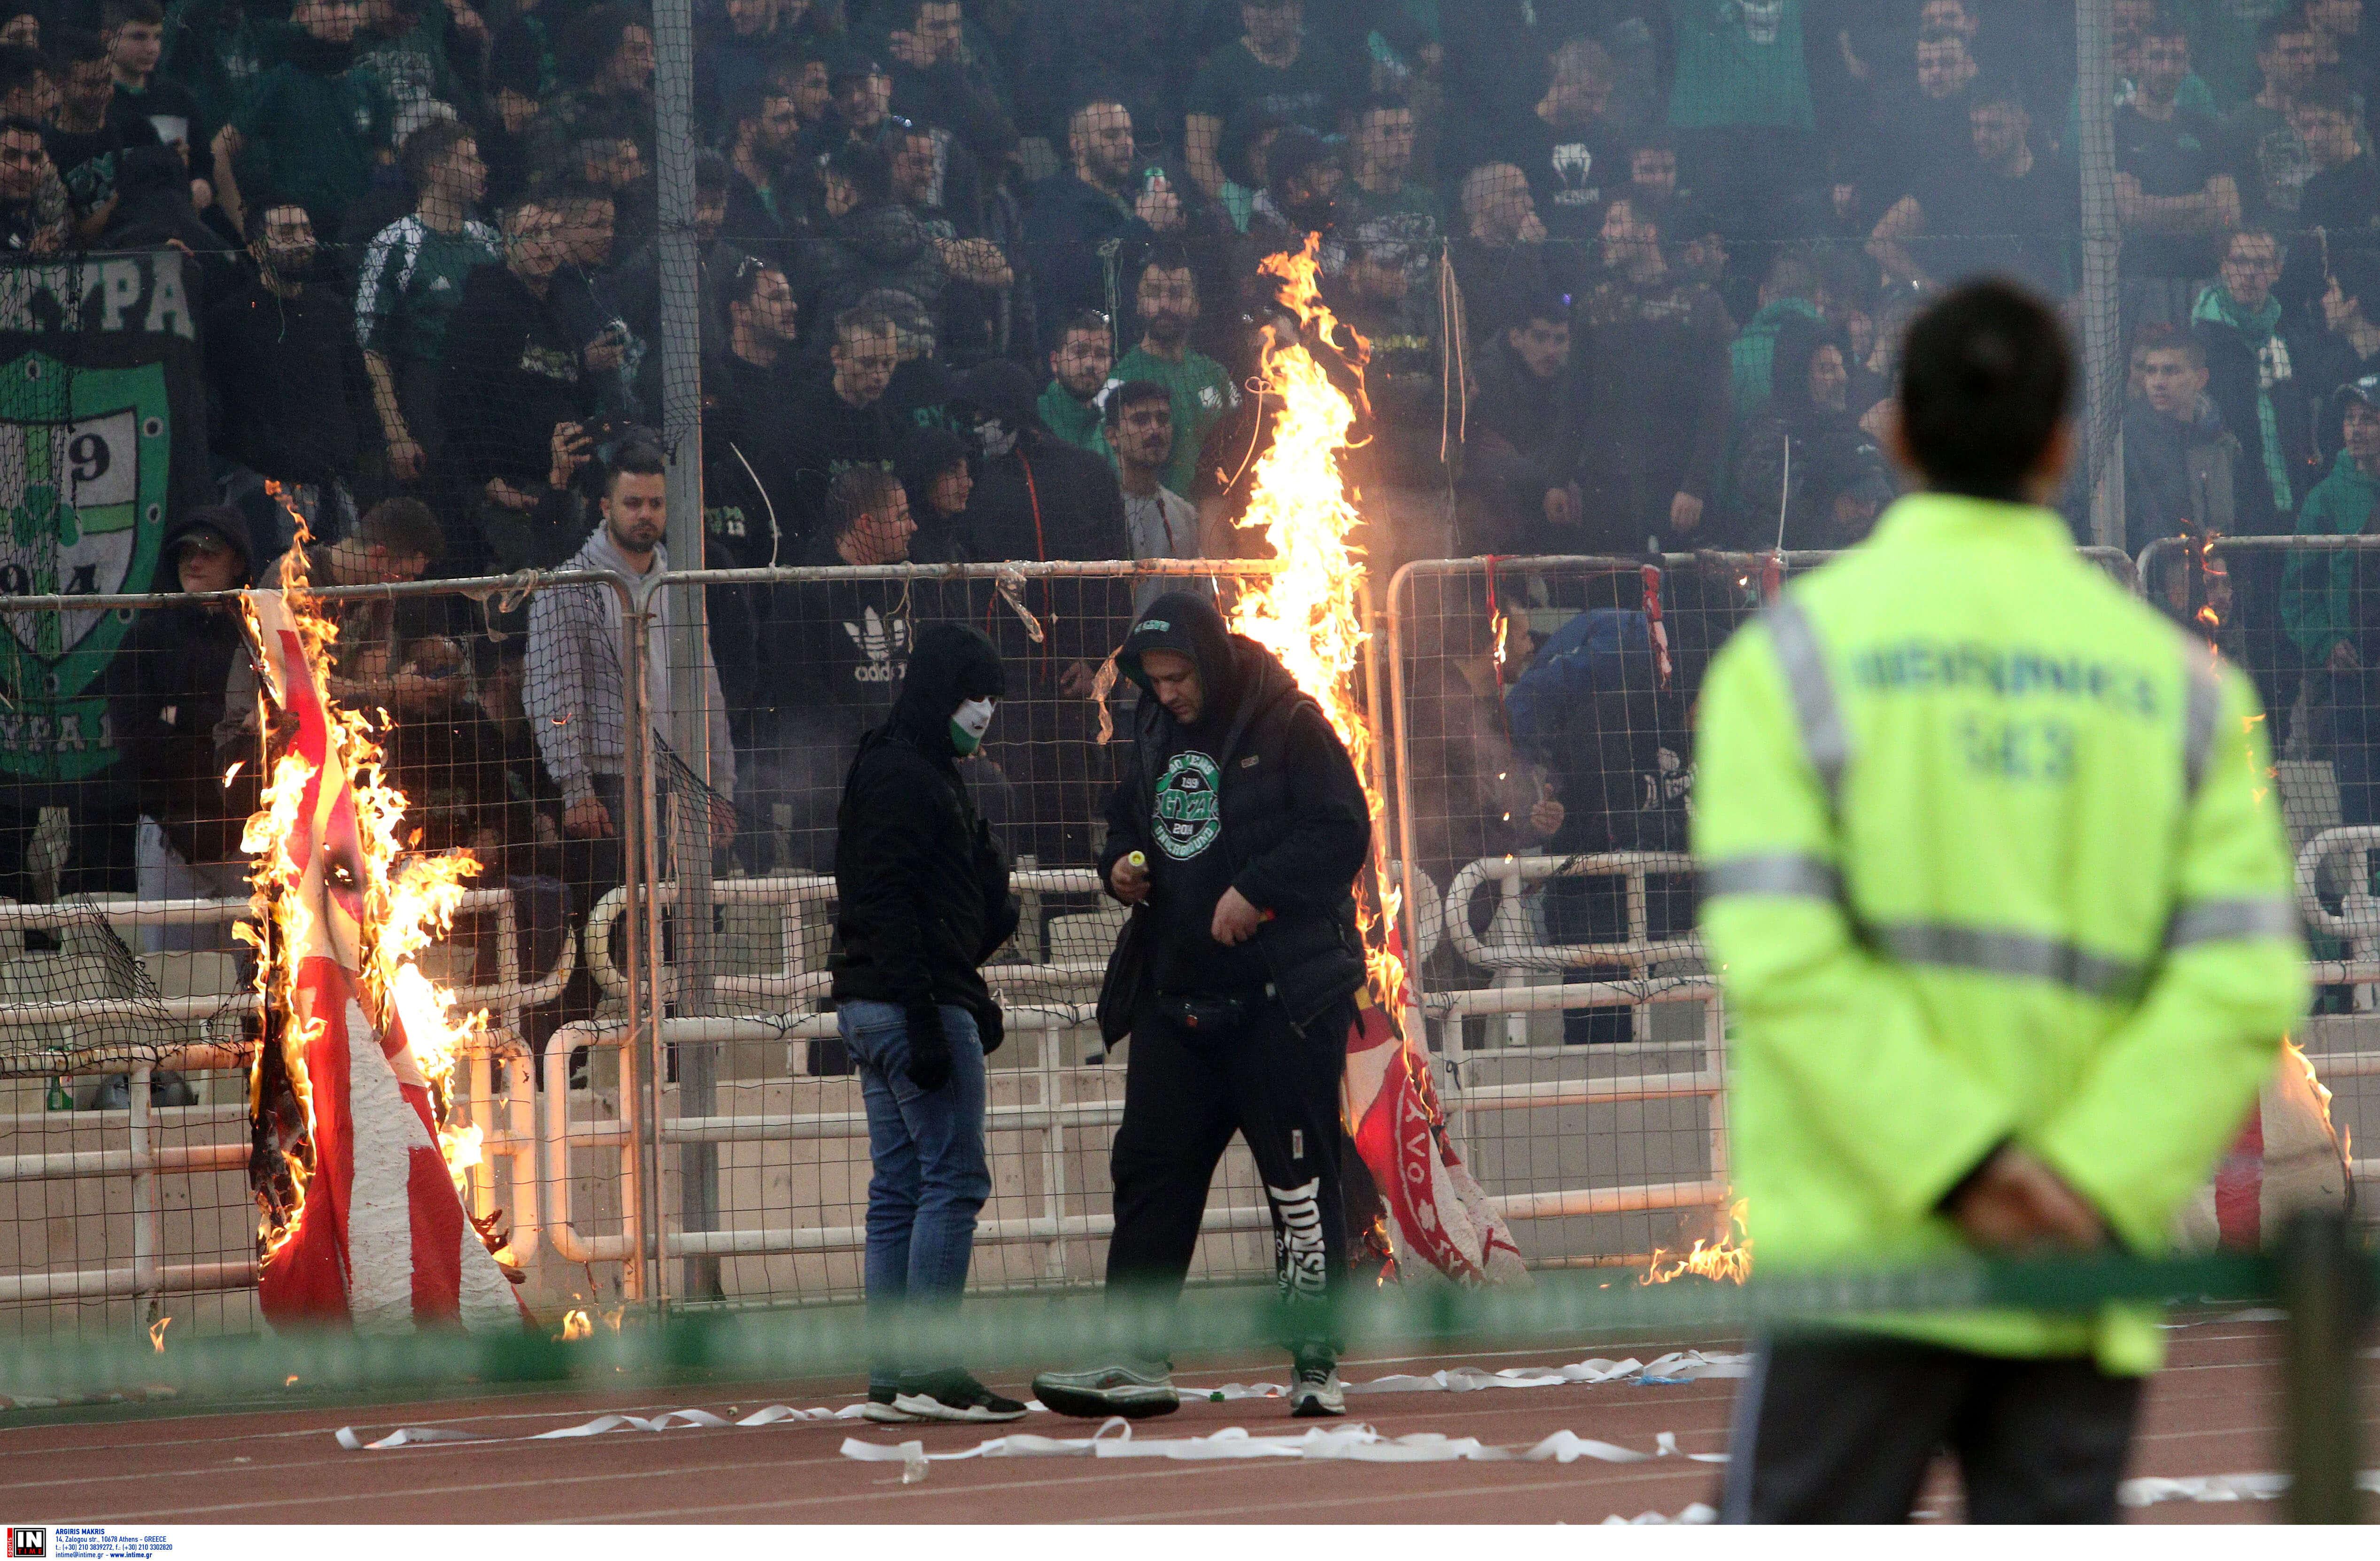 """ΕΠΟ: """"Αμαυρώθηκε για μία ακόμη φορά διεθνώς το ελληνικό ποδόσφαιρο"""""""